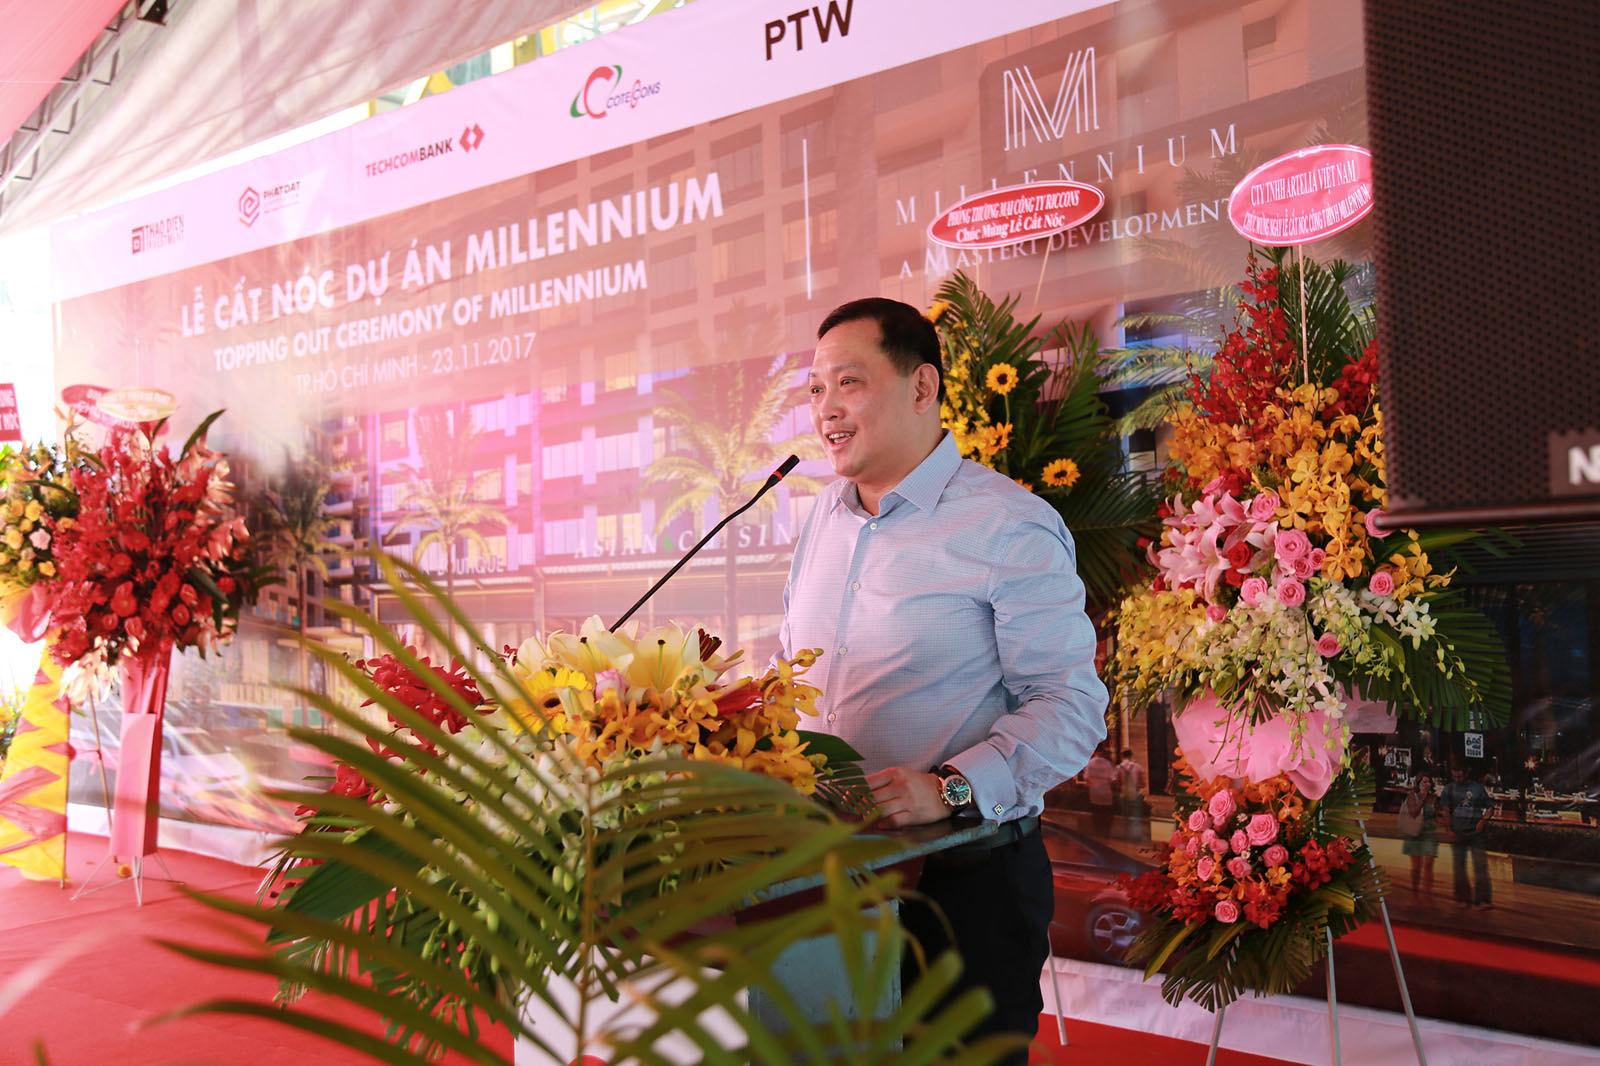 Đại diện đơn vị Phát triển dự án Millennium phát biểu tại lễ cất nóc.